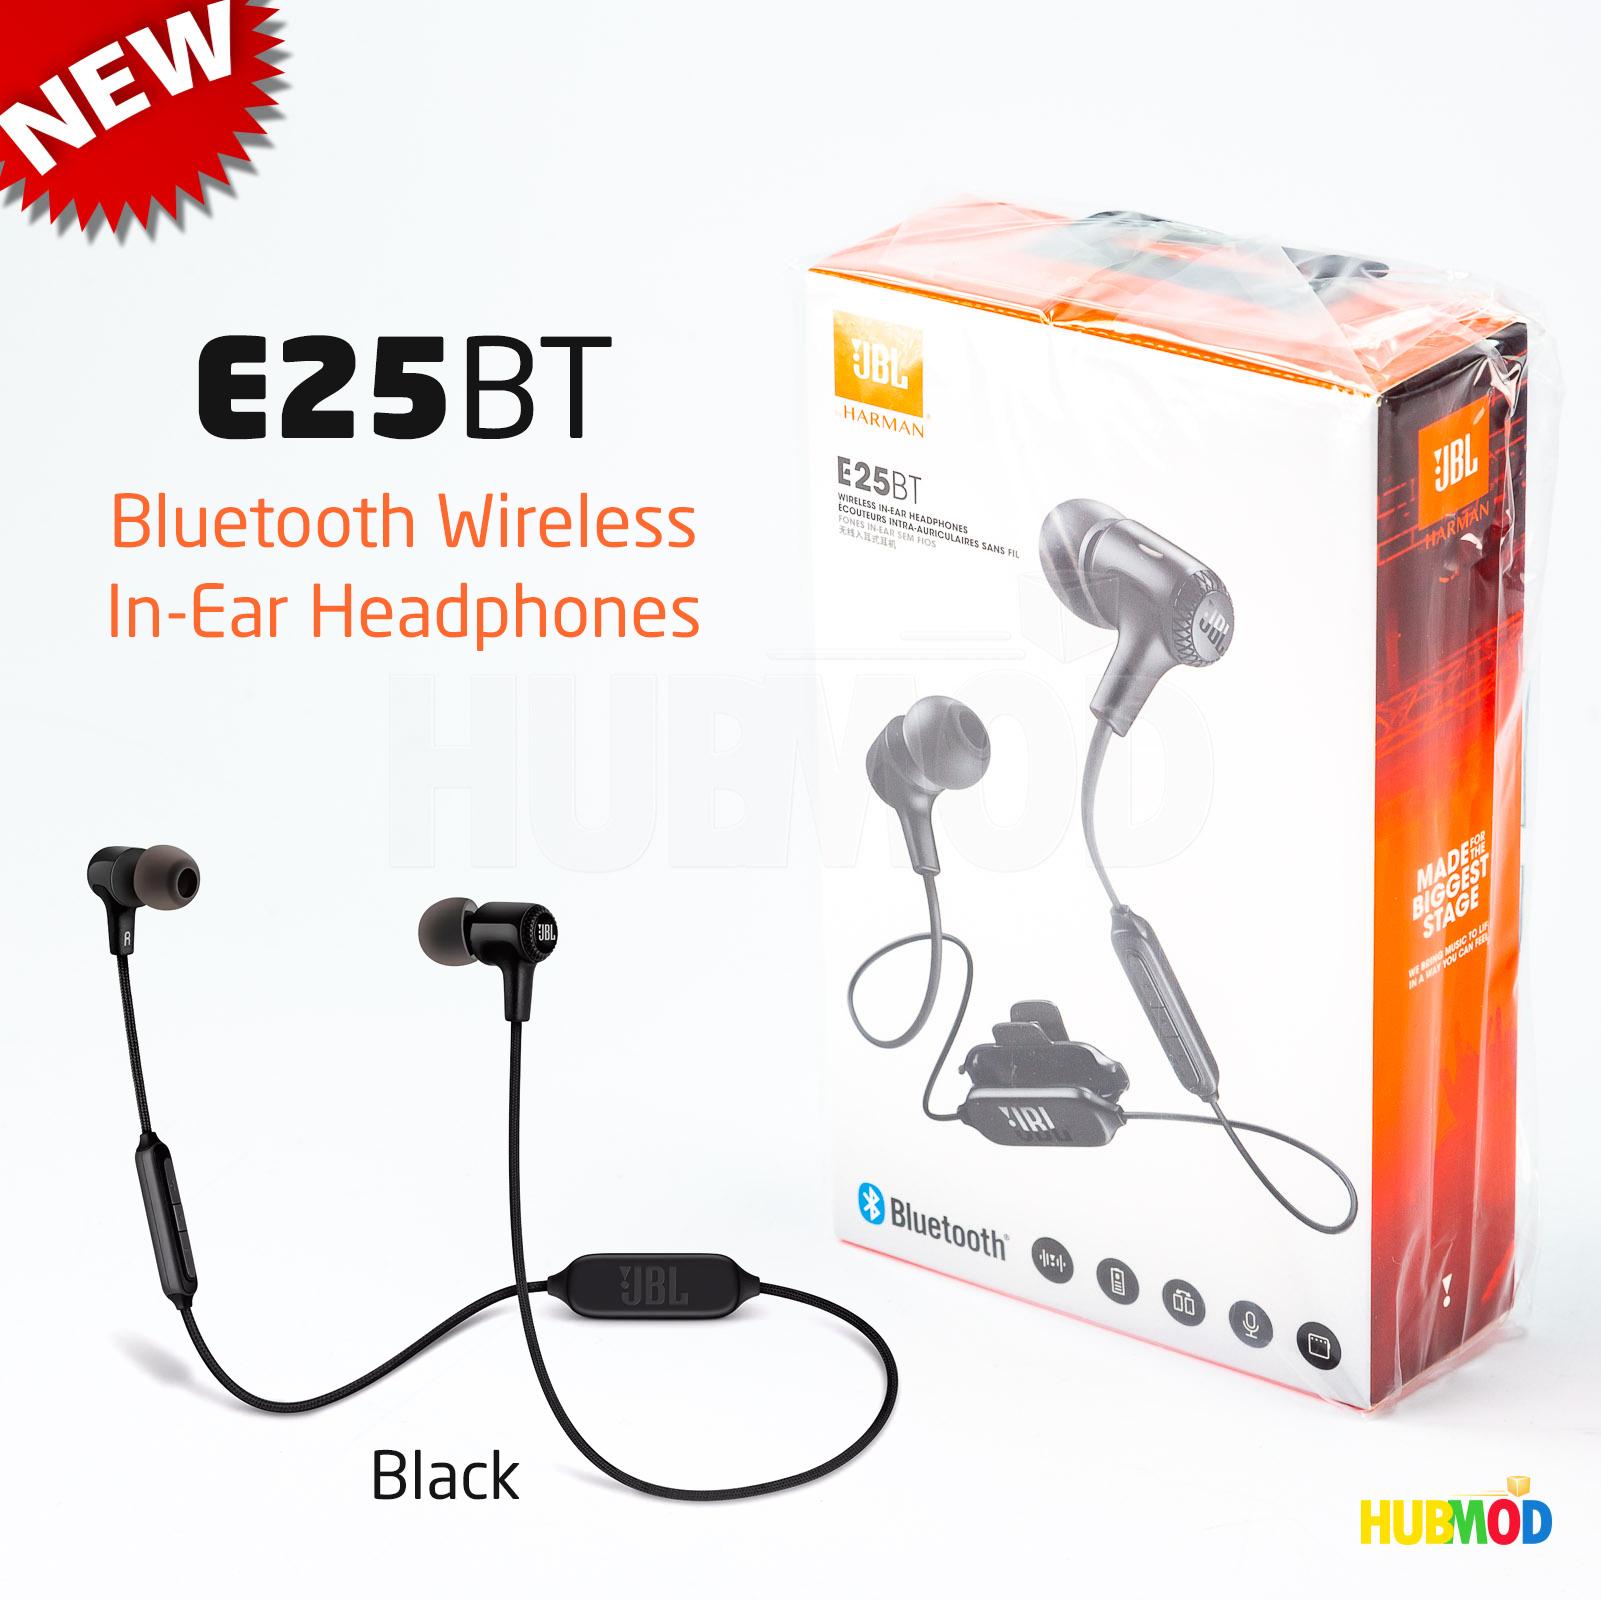 JBL E25BT Earbud Wireless In Ear Headphones Black Bluetooth